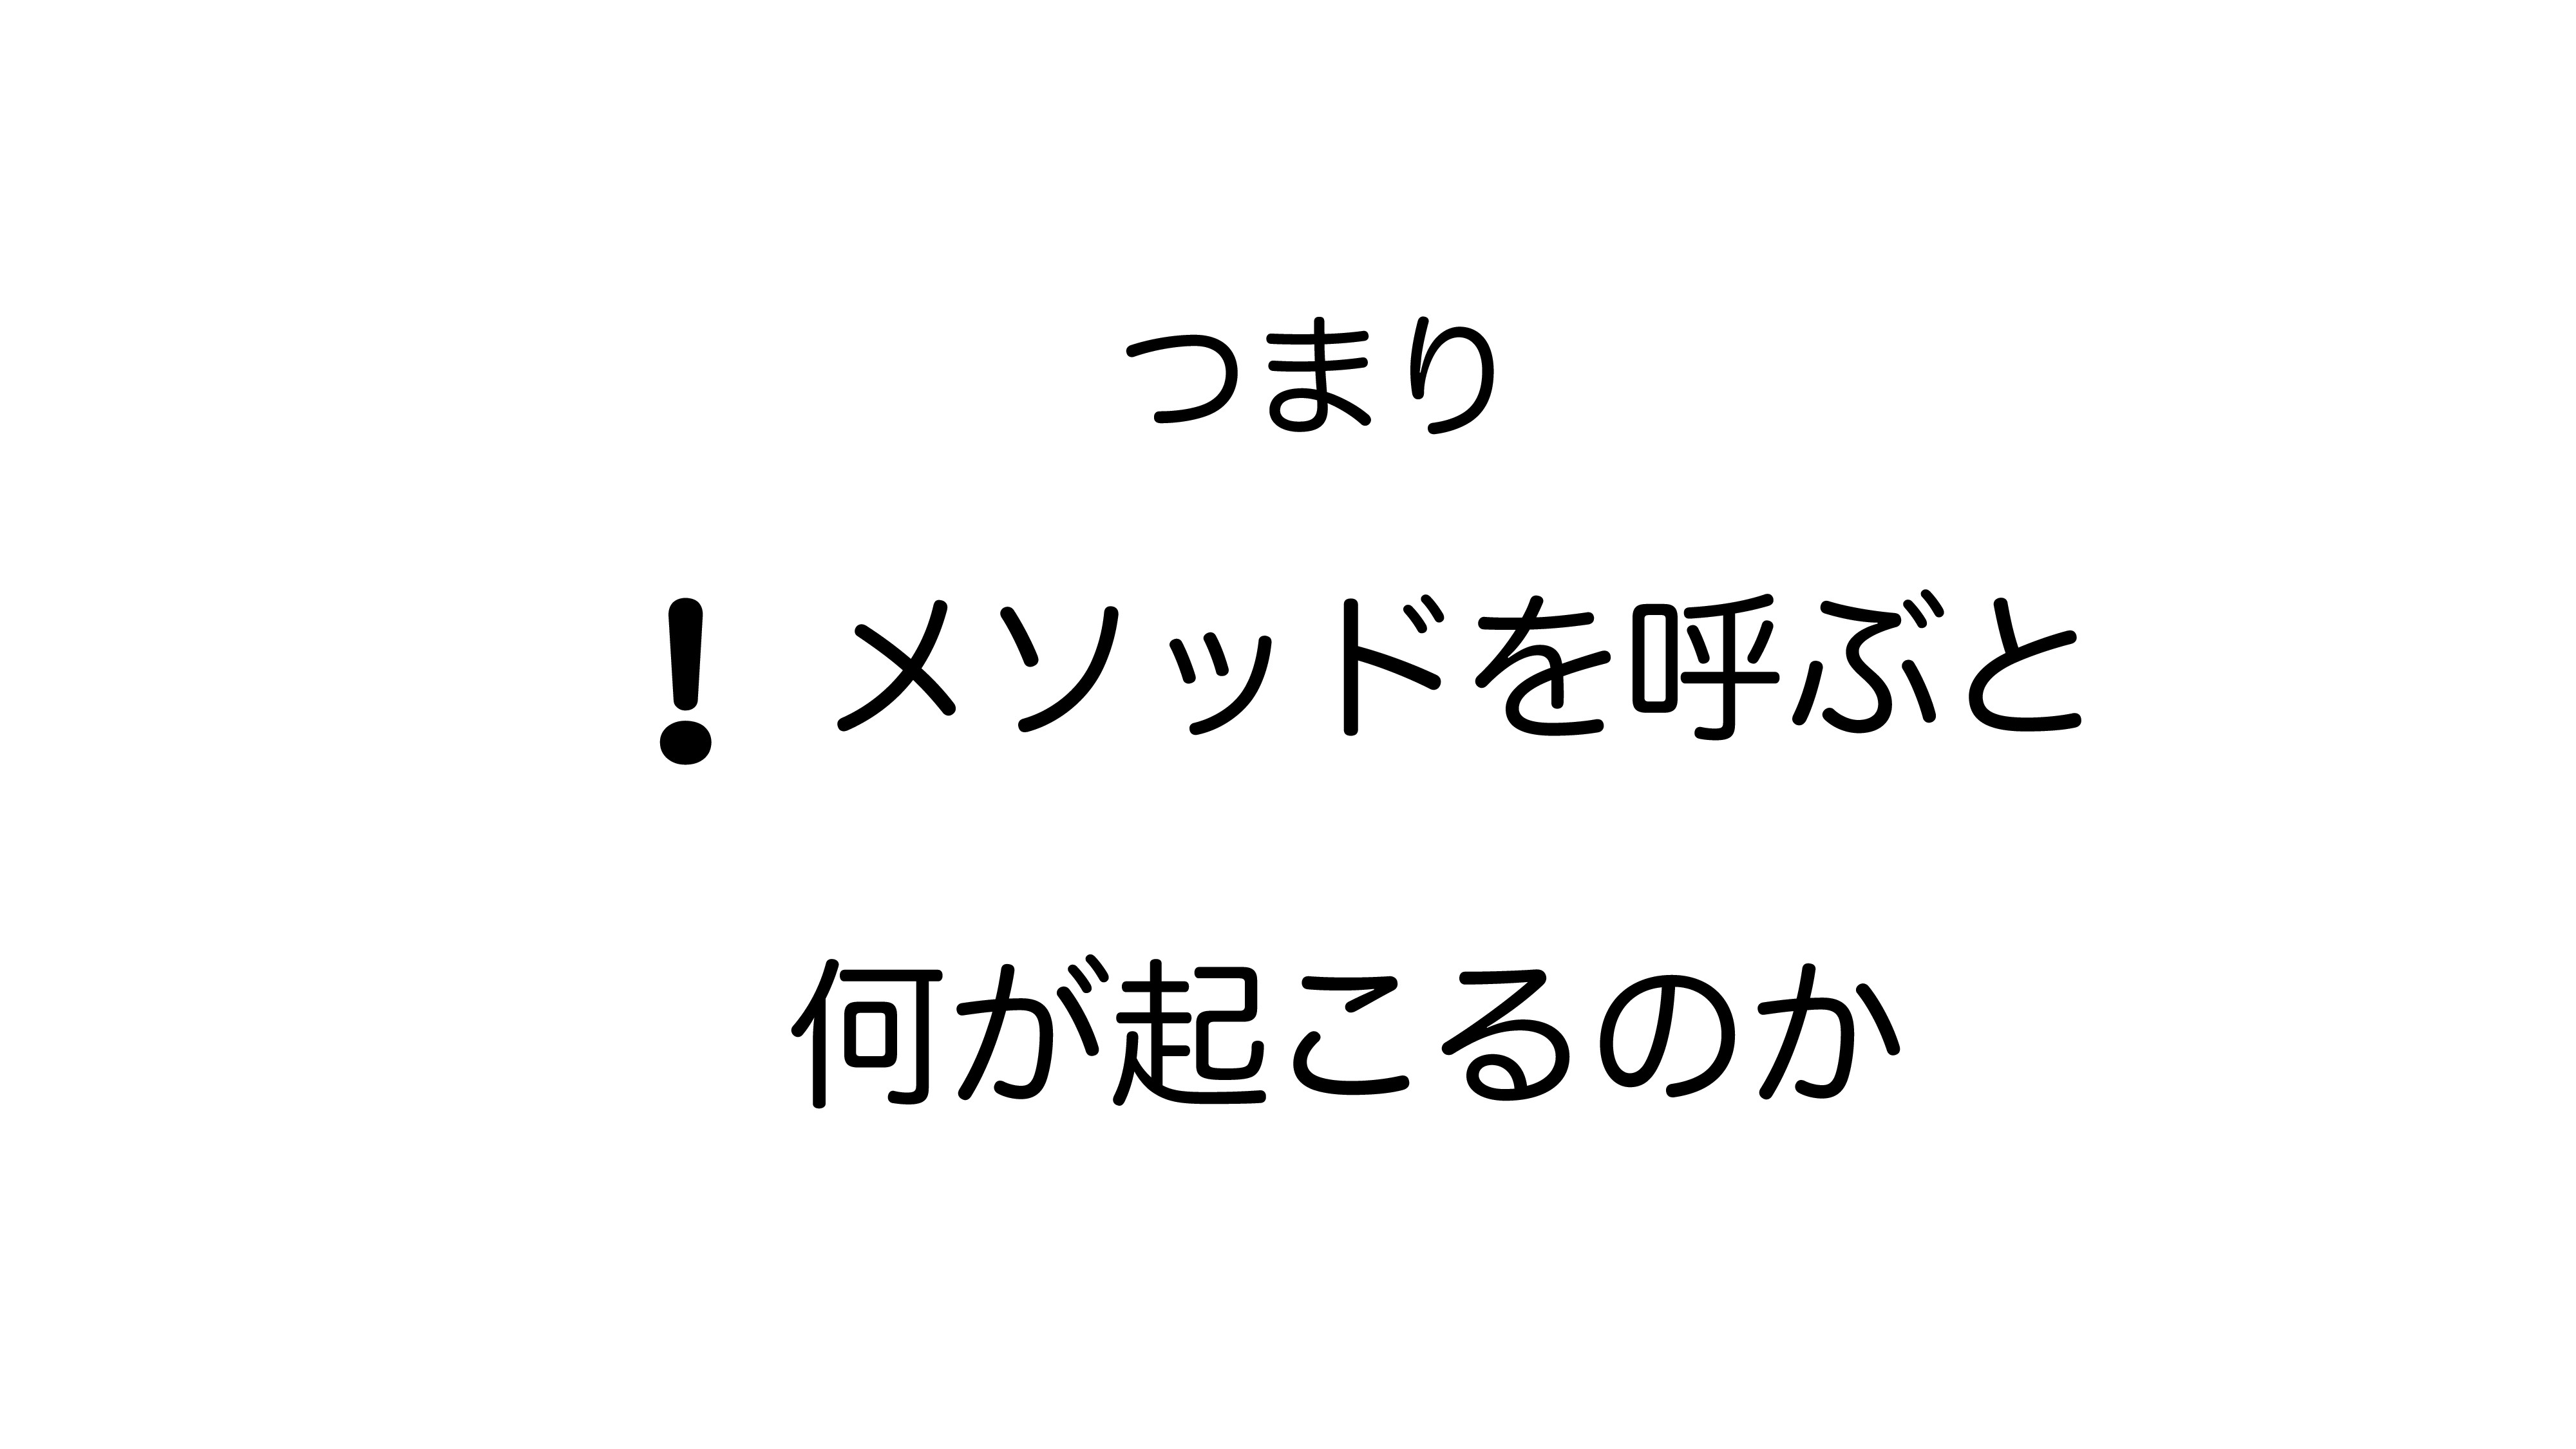 ! ϝιουΛݺͿͱ ͭ·Γ Կ͕ى͜Δͷ͔